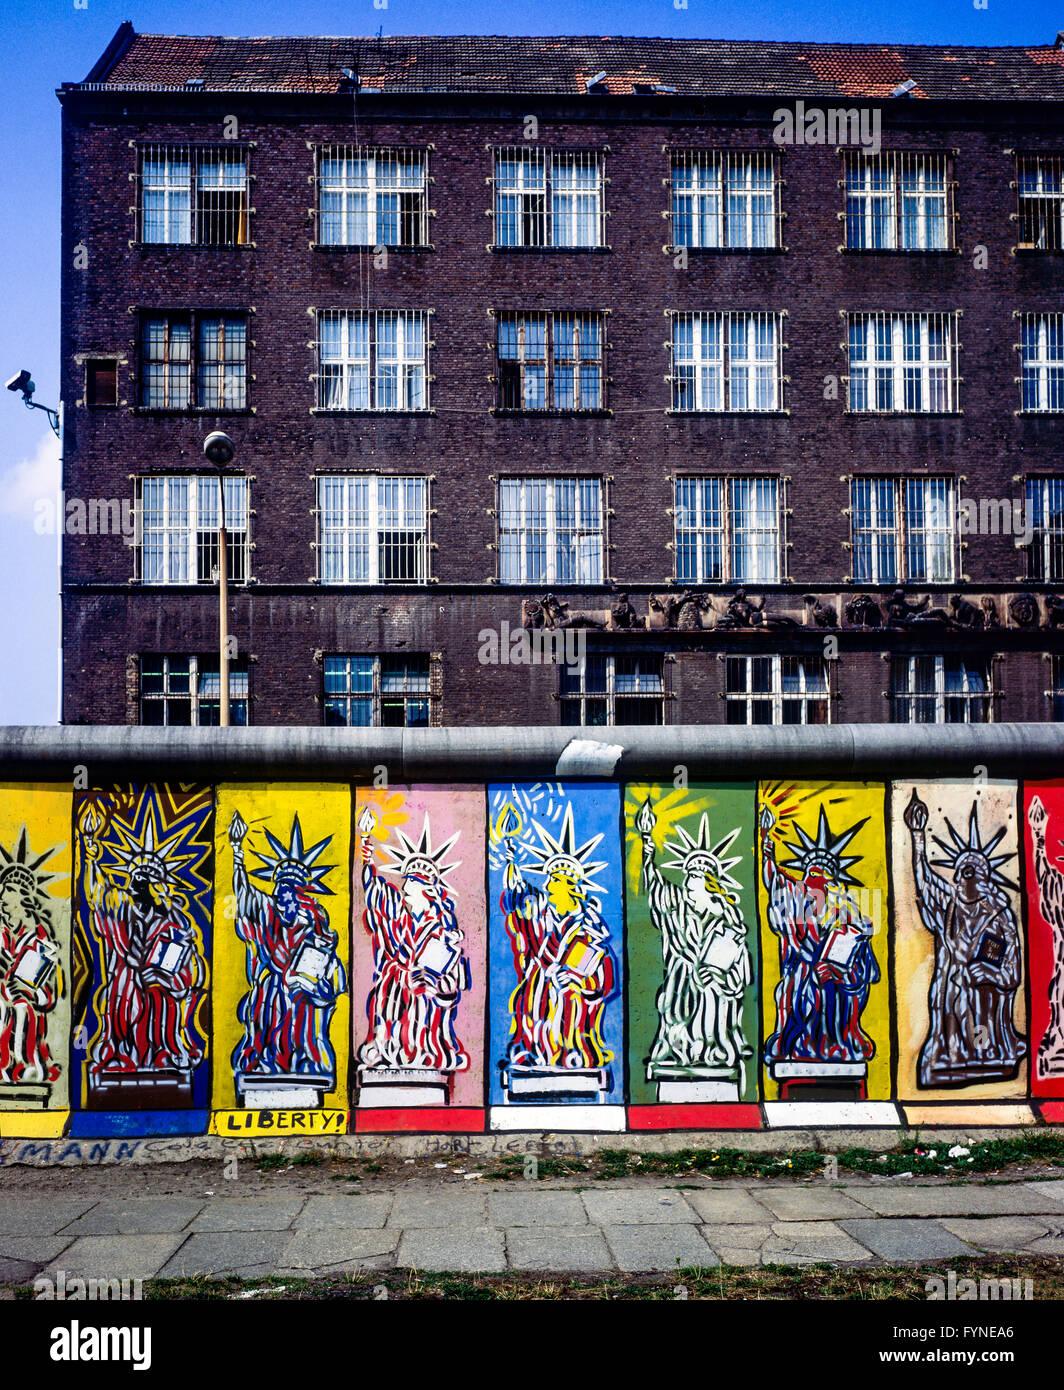 August 1986, Berlin Wall, Statue of Liberty frescos, western side, East Berlin buildings, Zimmerstrasse street, - Stock Image